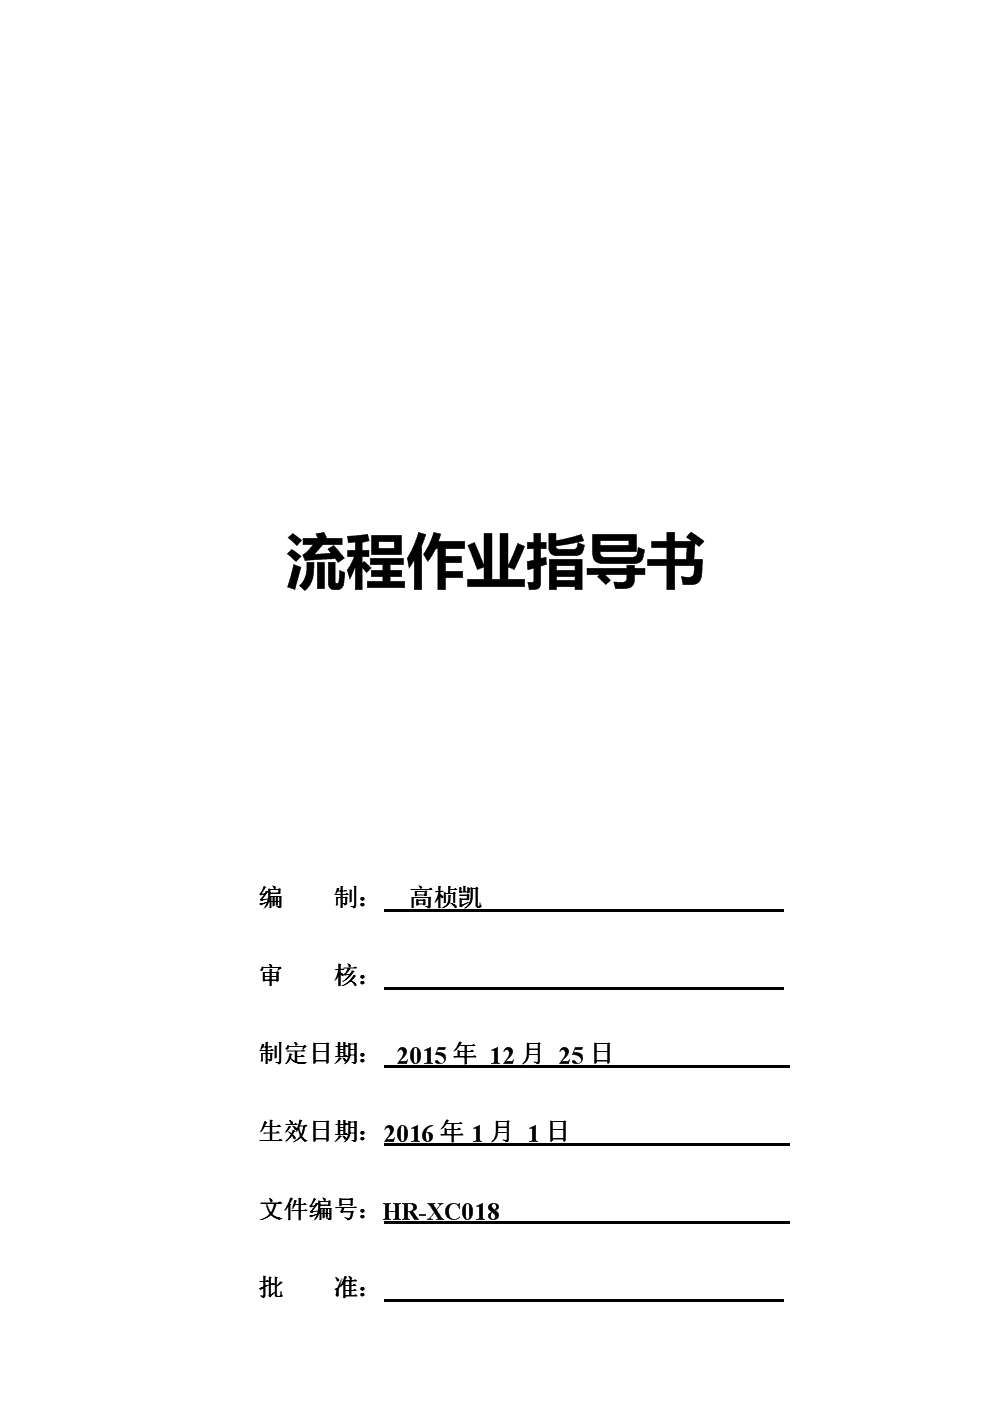 电子科技有限企业进程作业指导书.doc